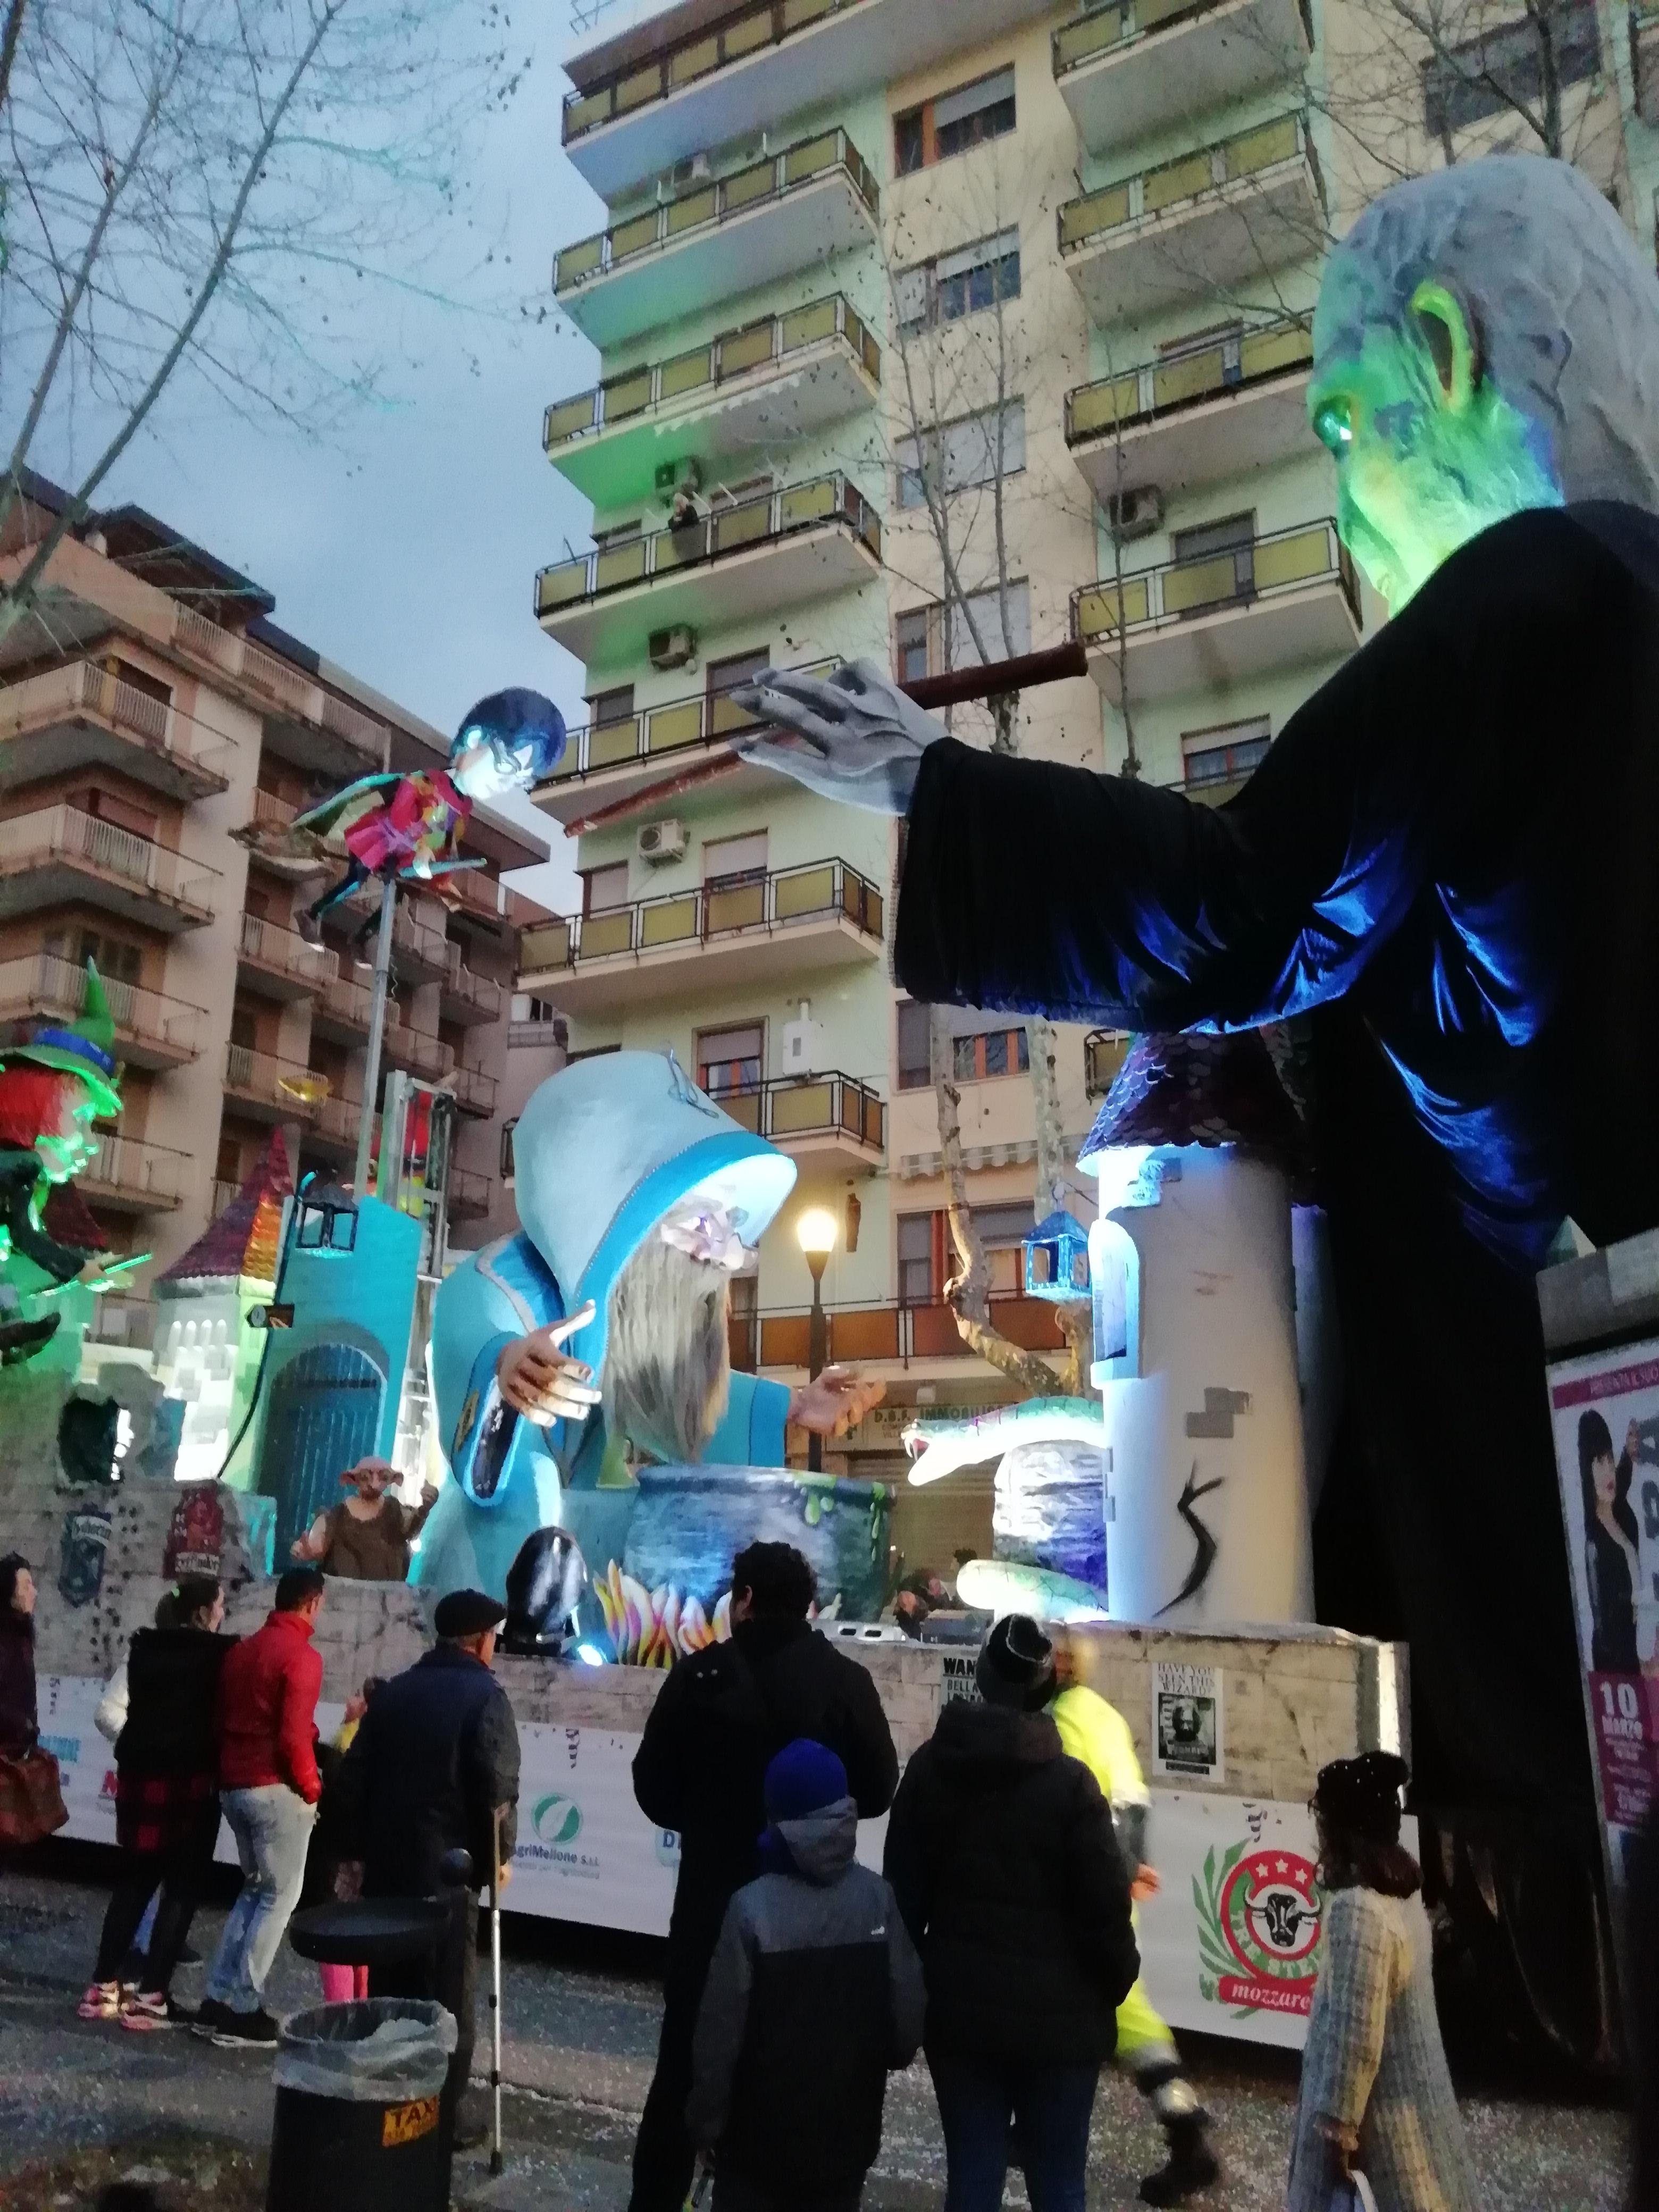 Carri allegorici Carnevale delSele2019-1